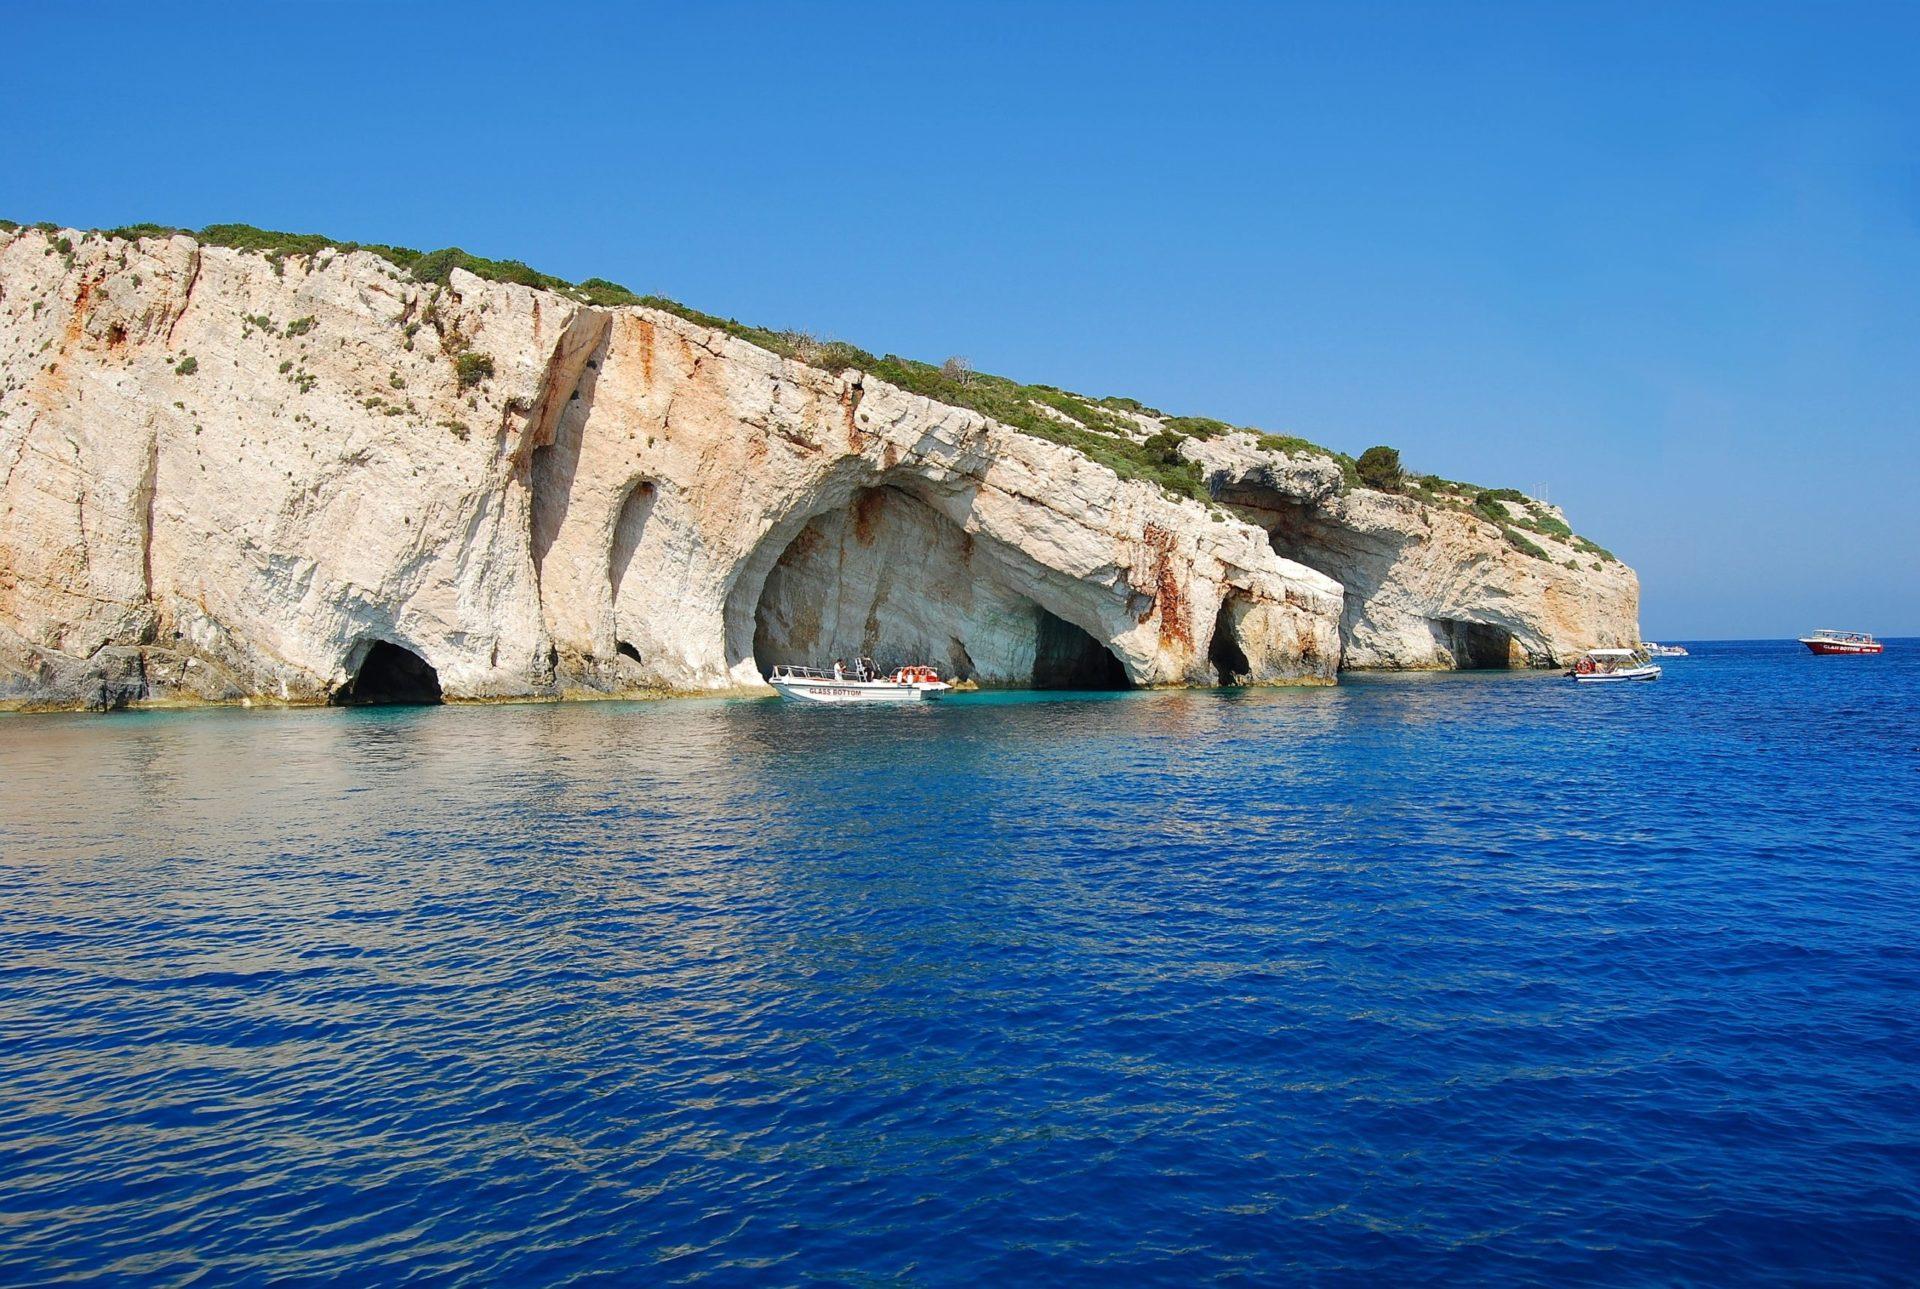 Wassertemperatur Zakynthos: Die Blauen Grotten bei Skinari in der Nähe des Nordkaps